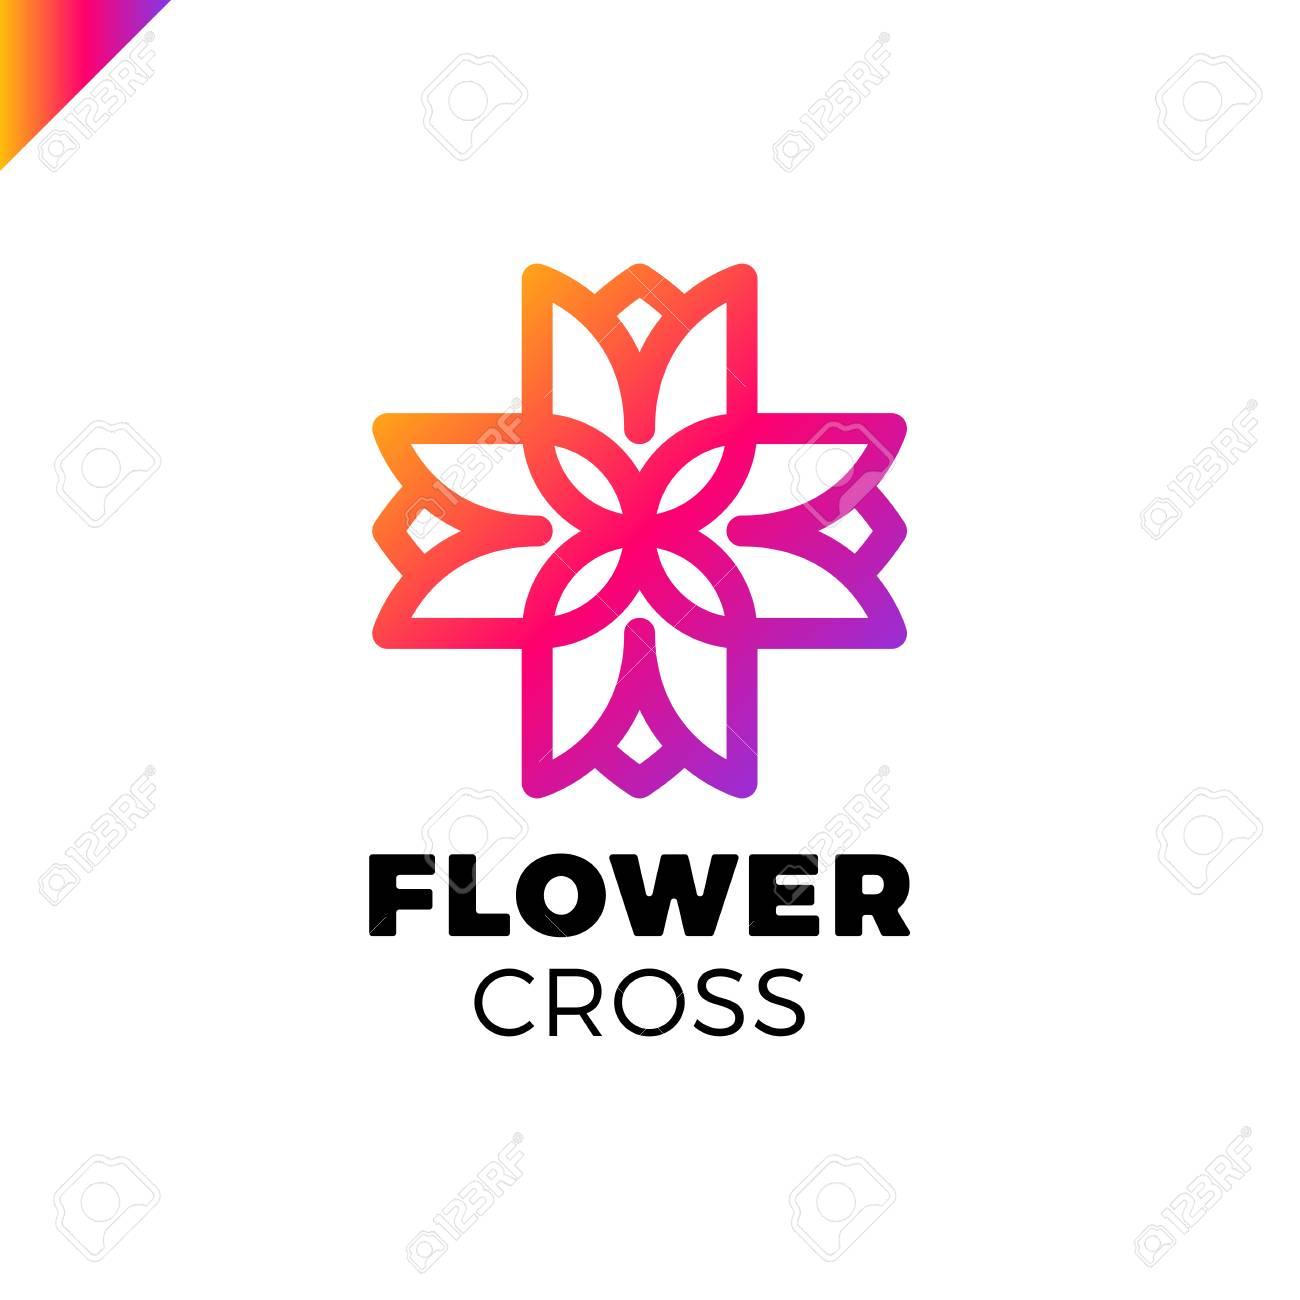 Aislado Resumen De Colores Color Vector Logo. Exposición Recibí ...